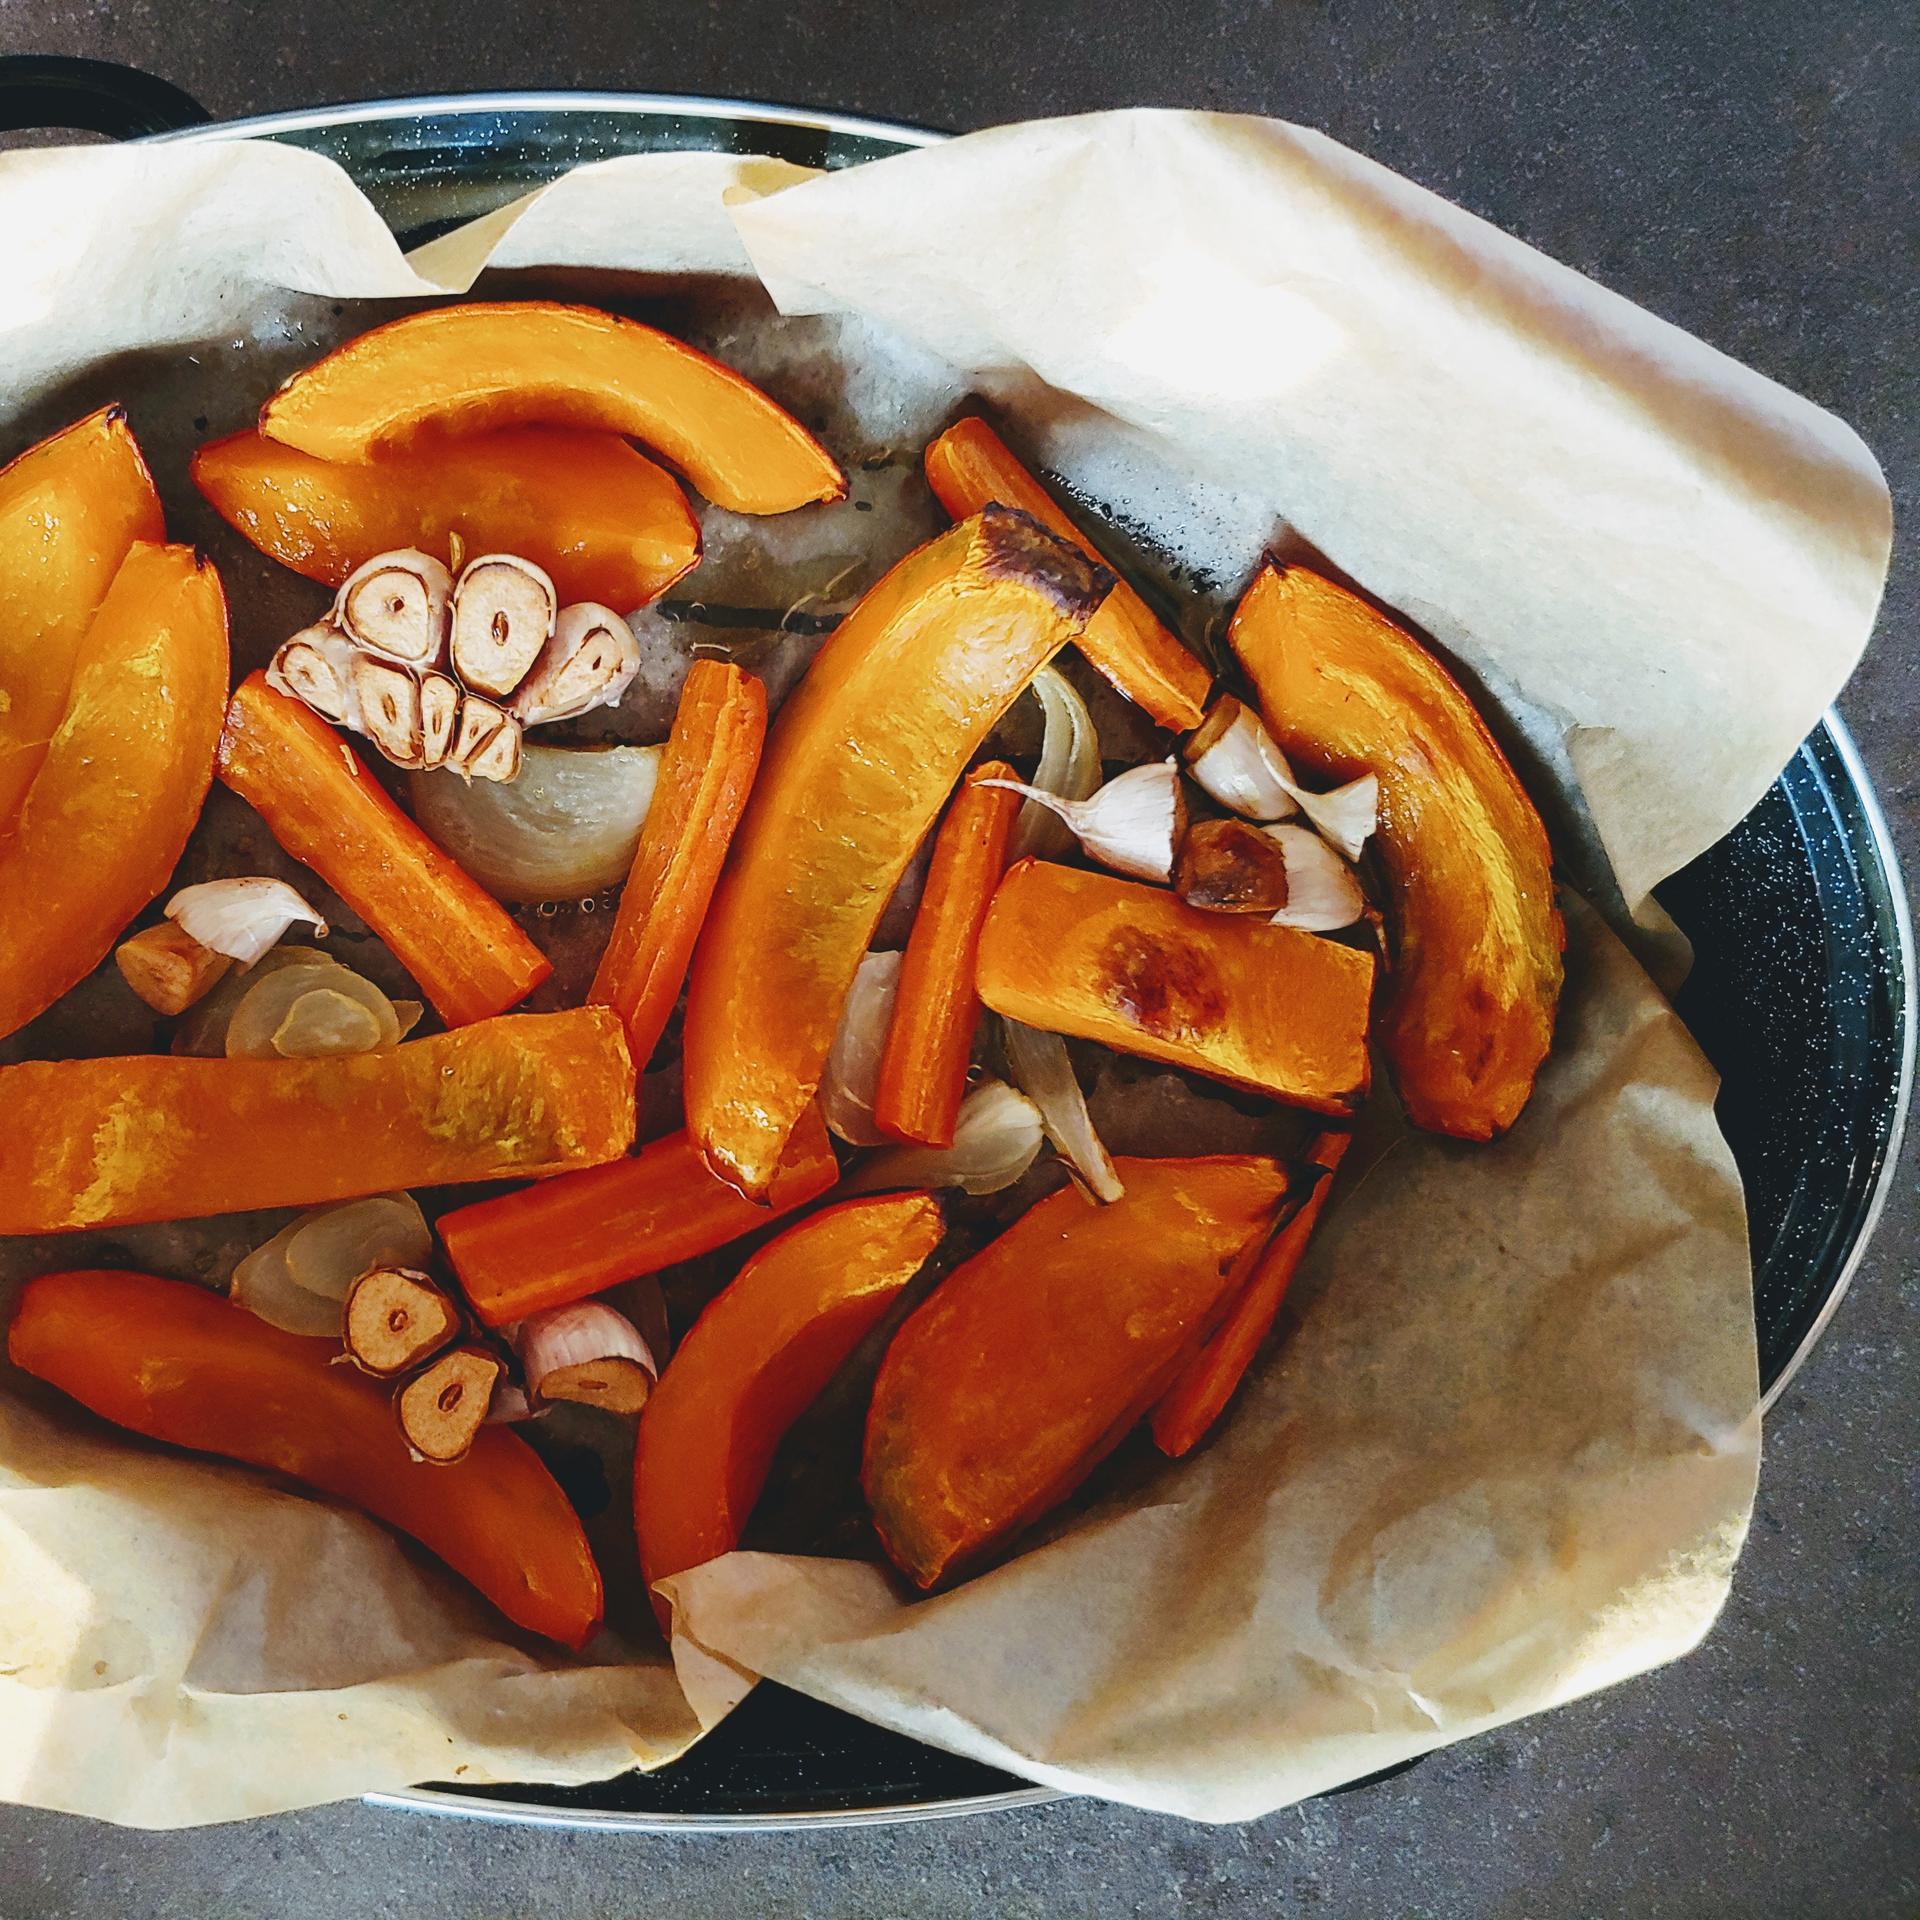 Foodblog IDYLO🍮 - Obrázek č. 45